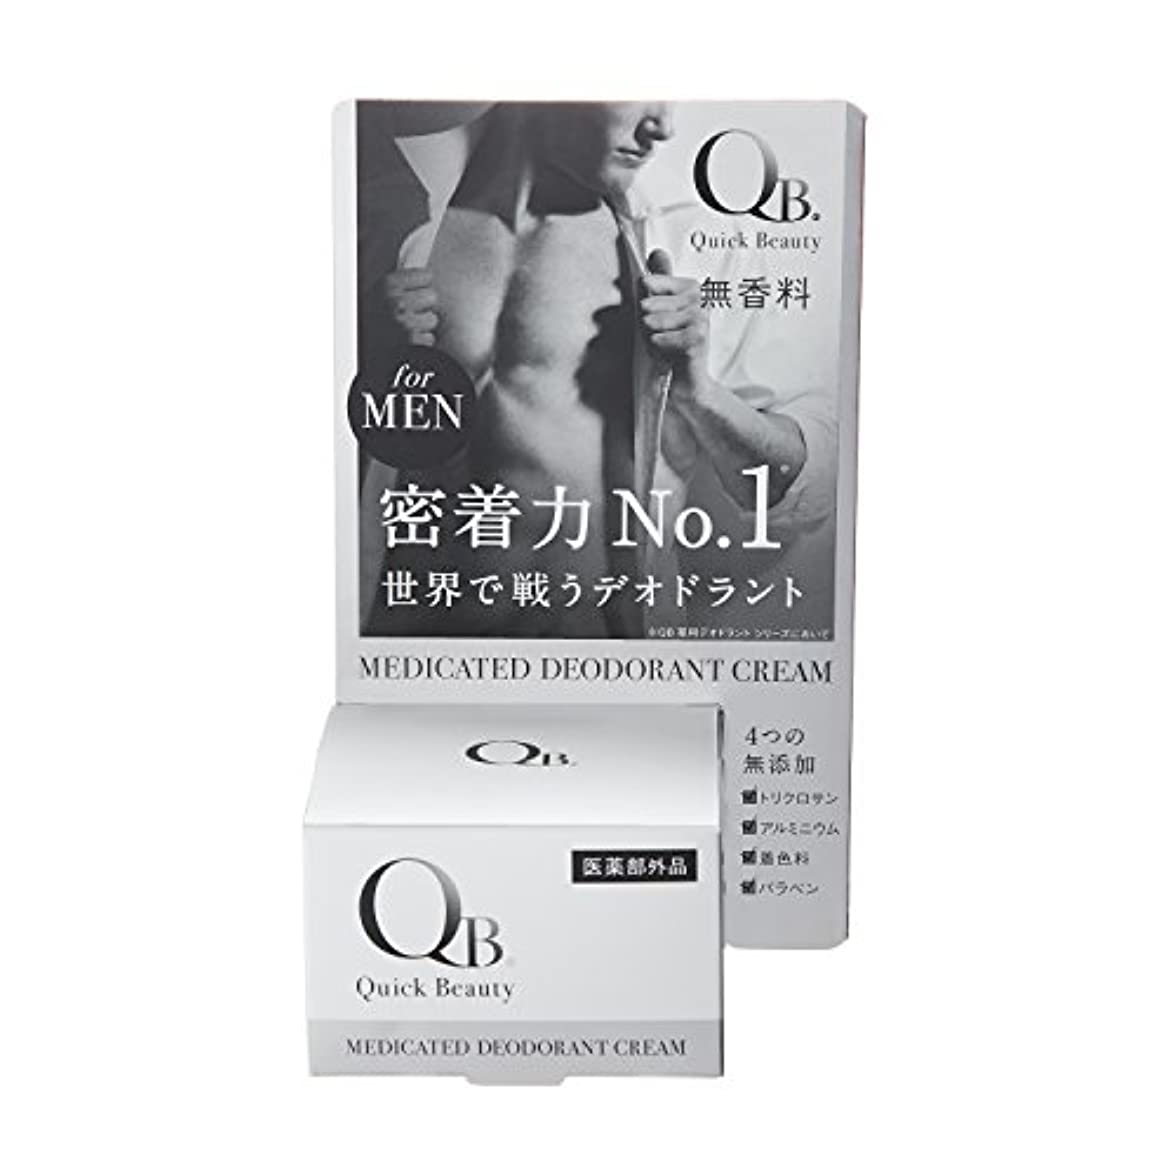 床を掃除するく夢中QB 薬用デオドラントクリーム メンズ 30g